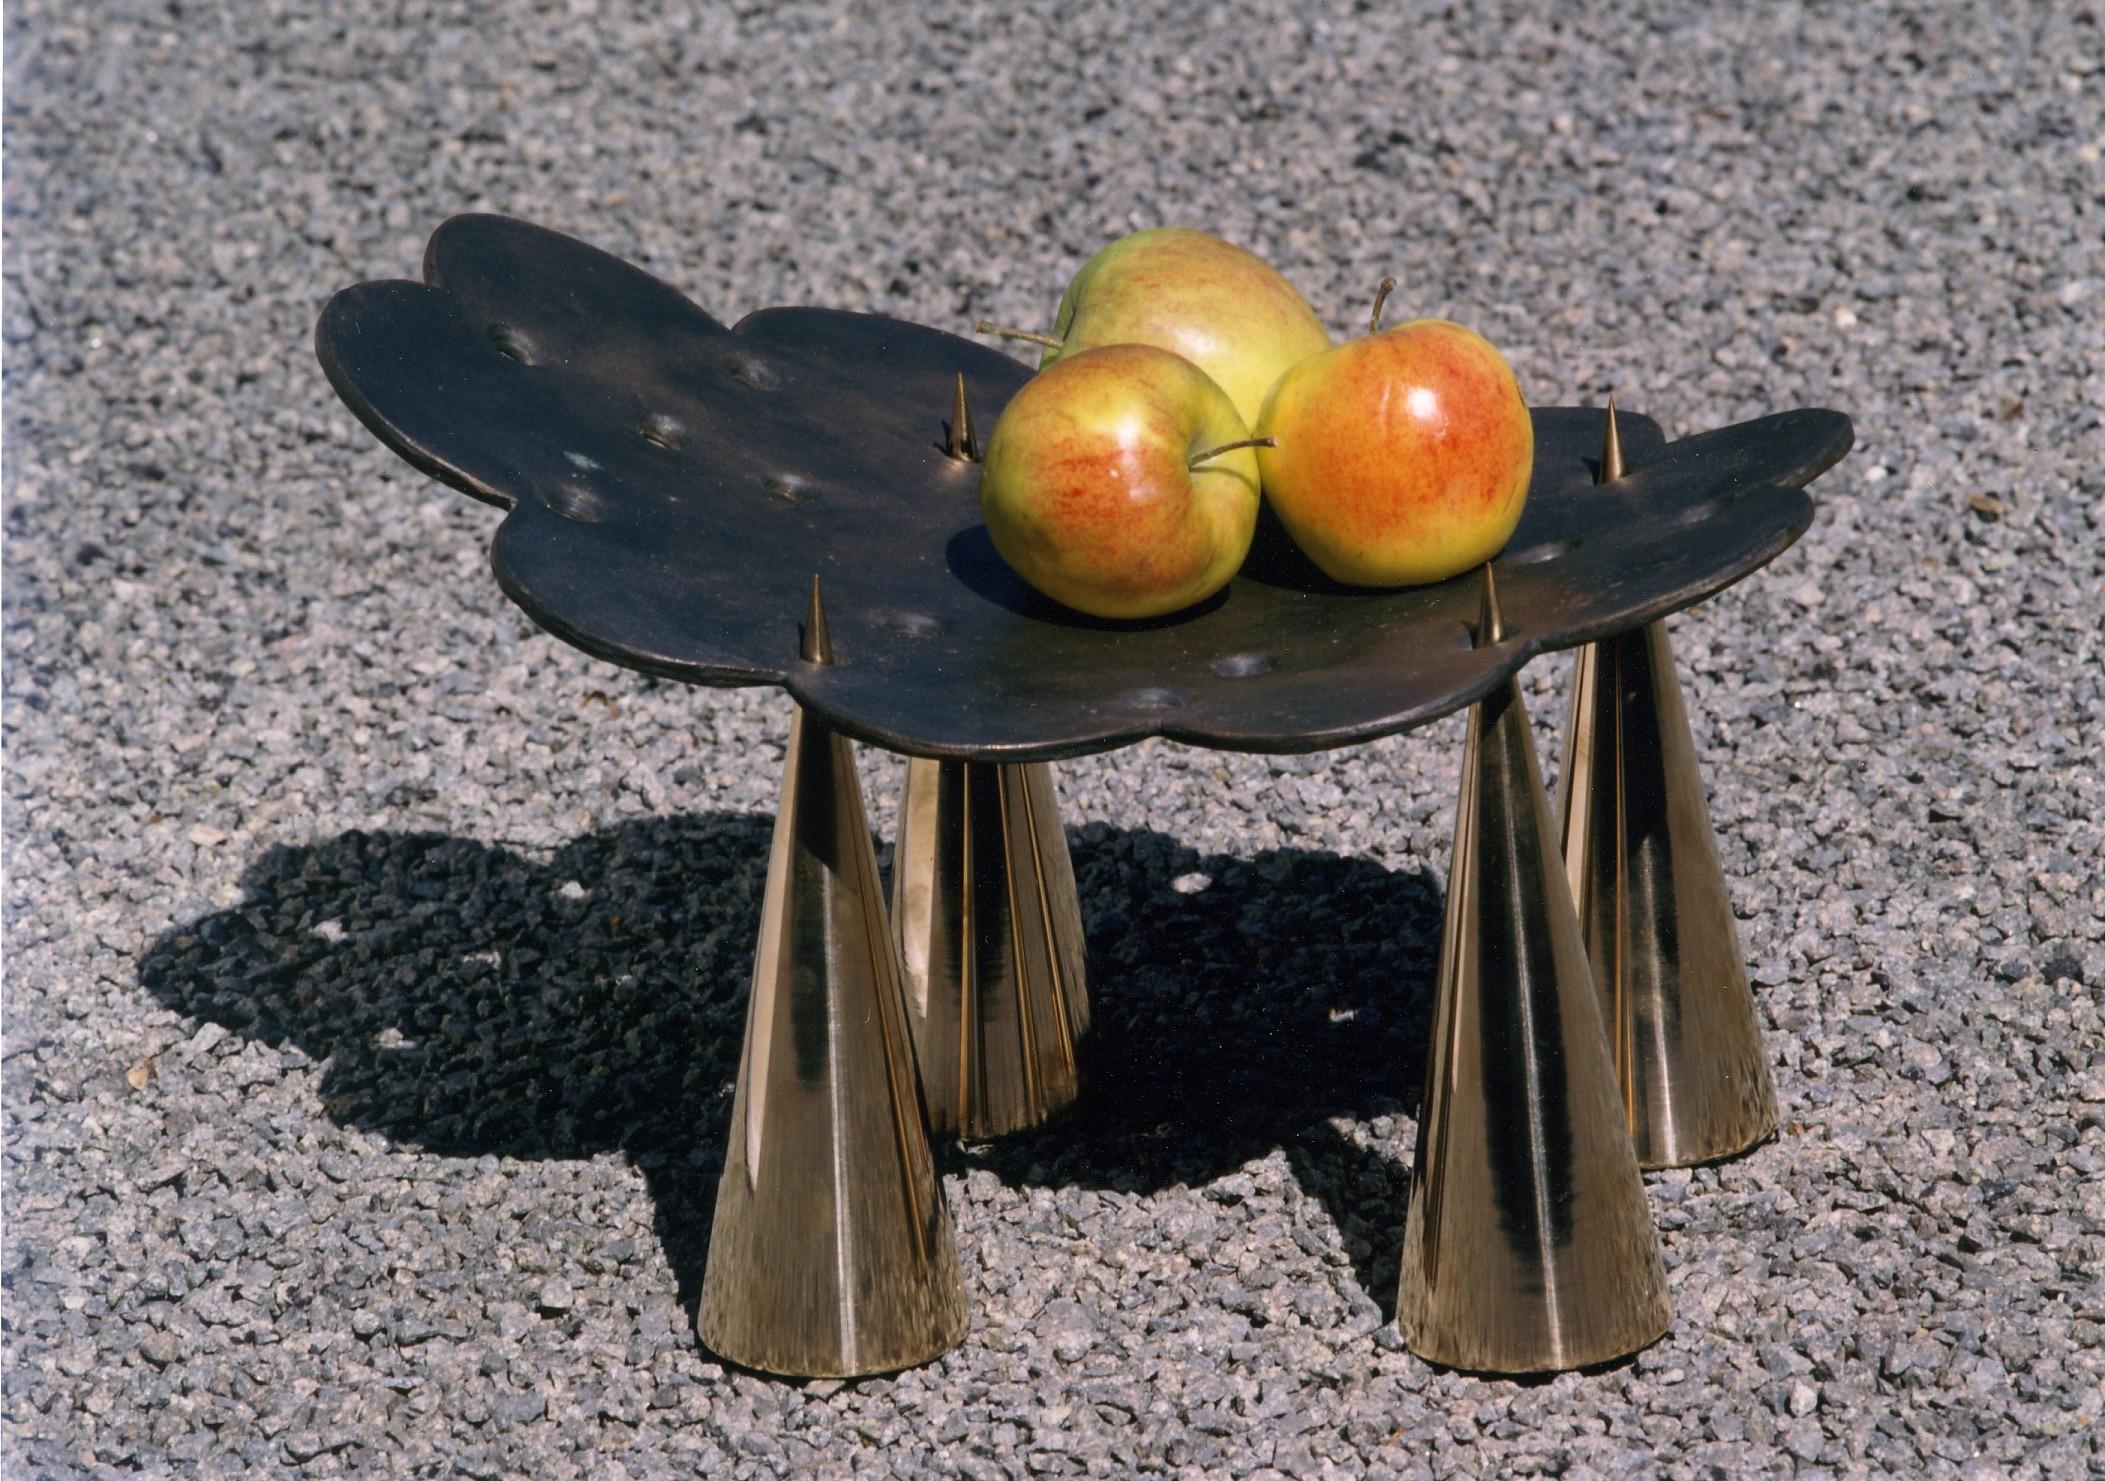 Berend Peter, Fruitschaal, 1992